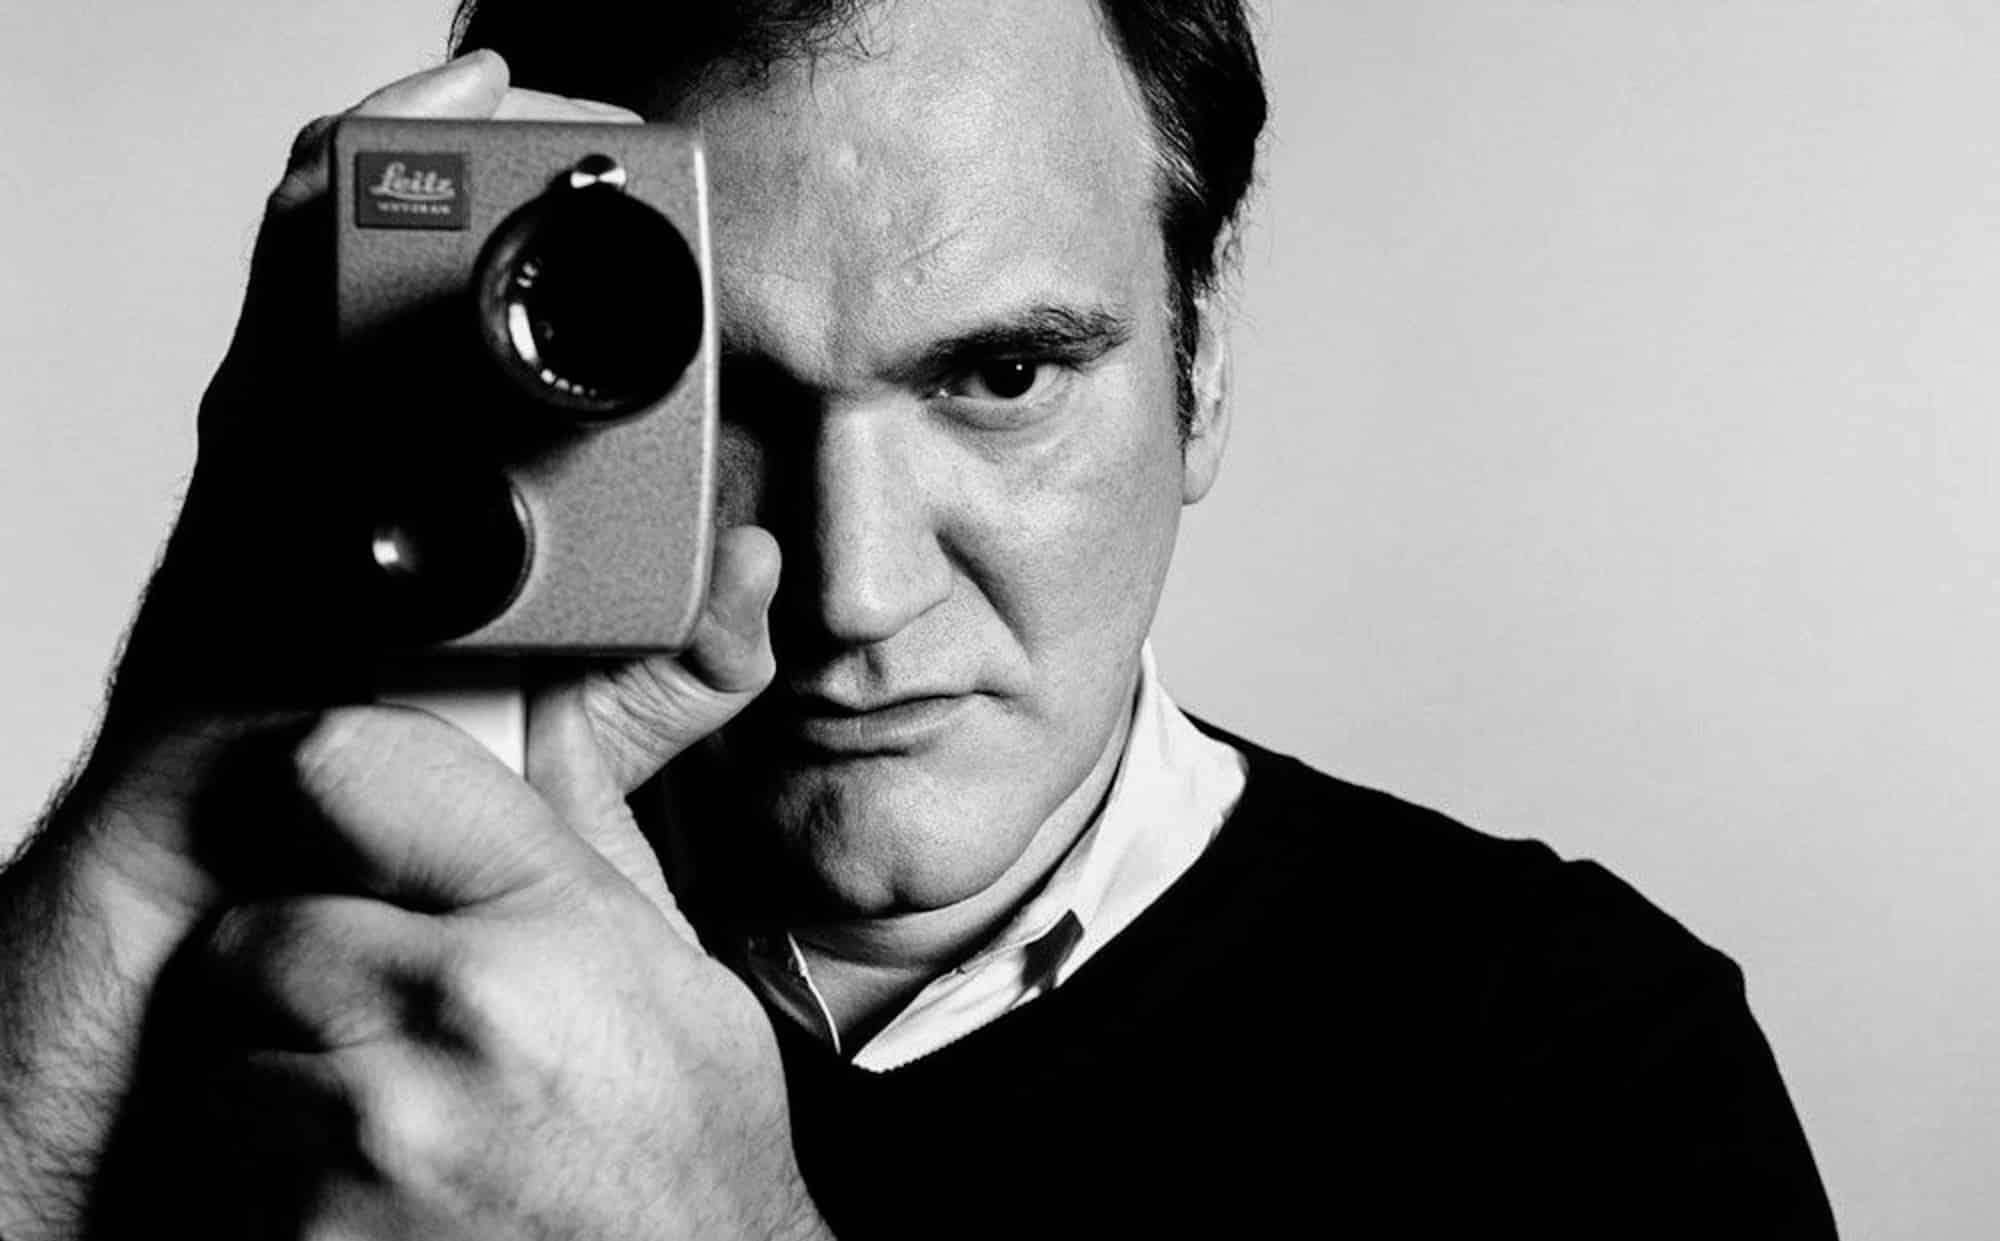 Se Quentin Tarantino deciderà di dedicarsi in seguito alla scrittura, il suo ritiro dal cinema può far meno paura